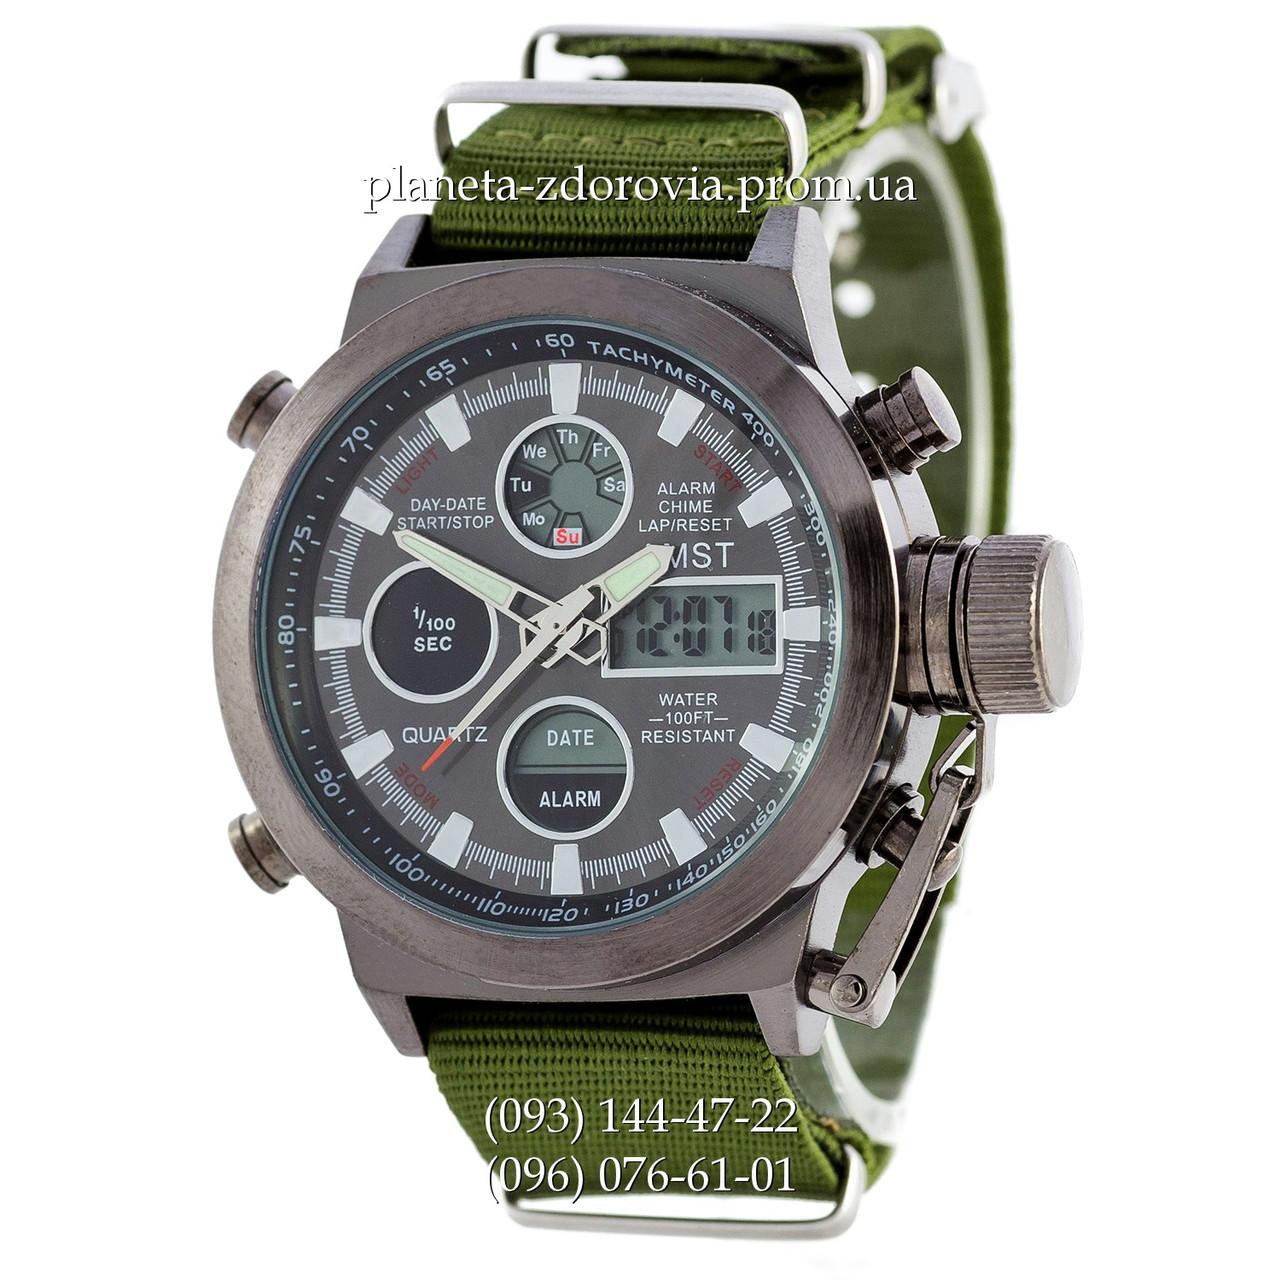 этом армейские наручные часы amst купить в украине осторожны, некоторые